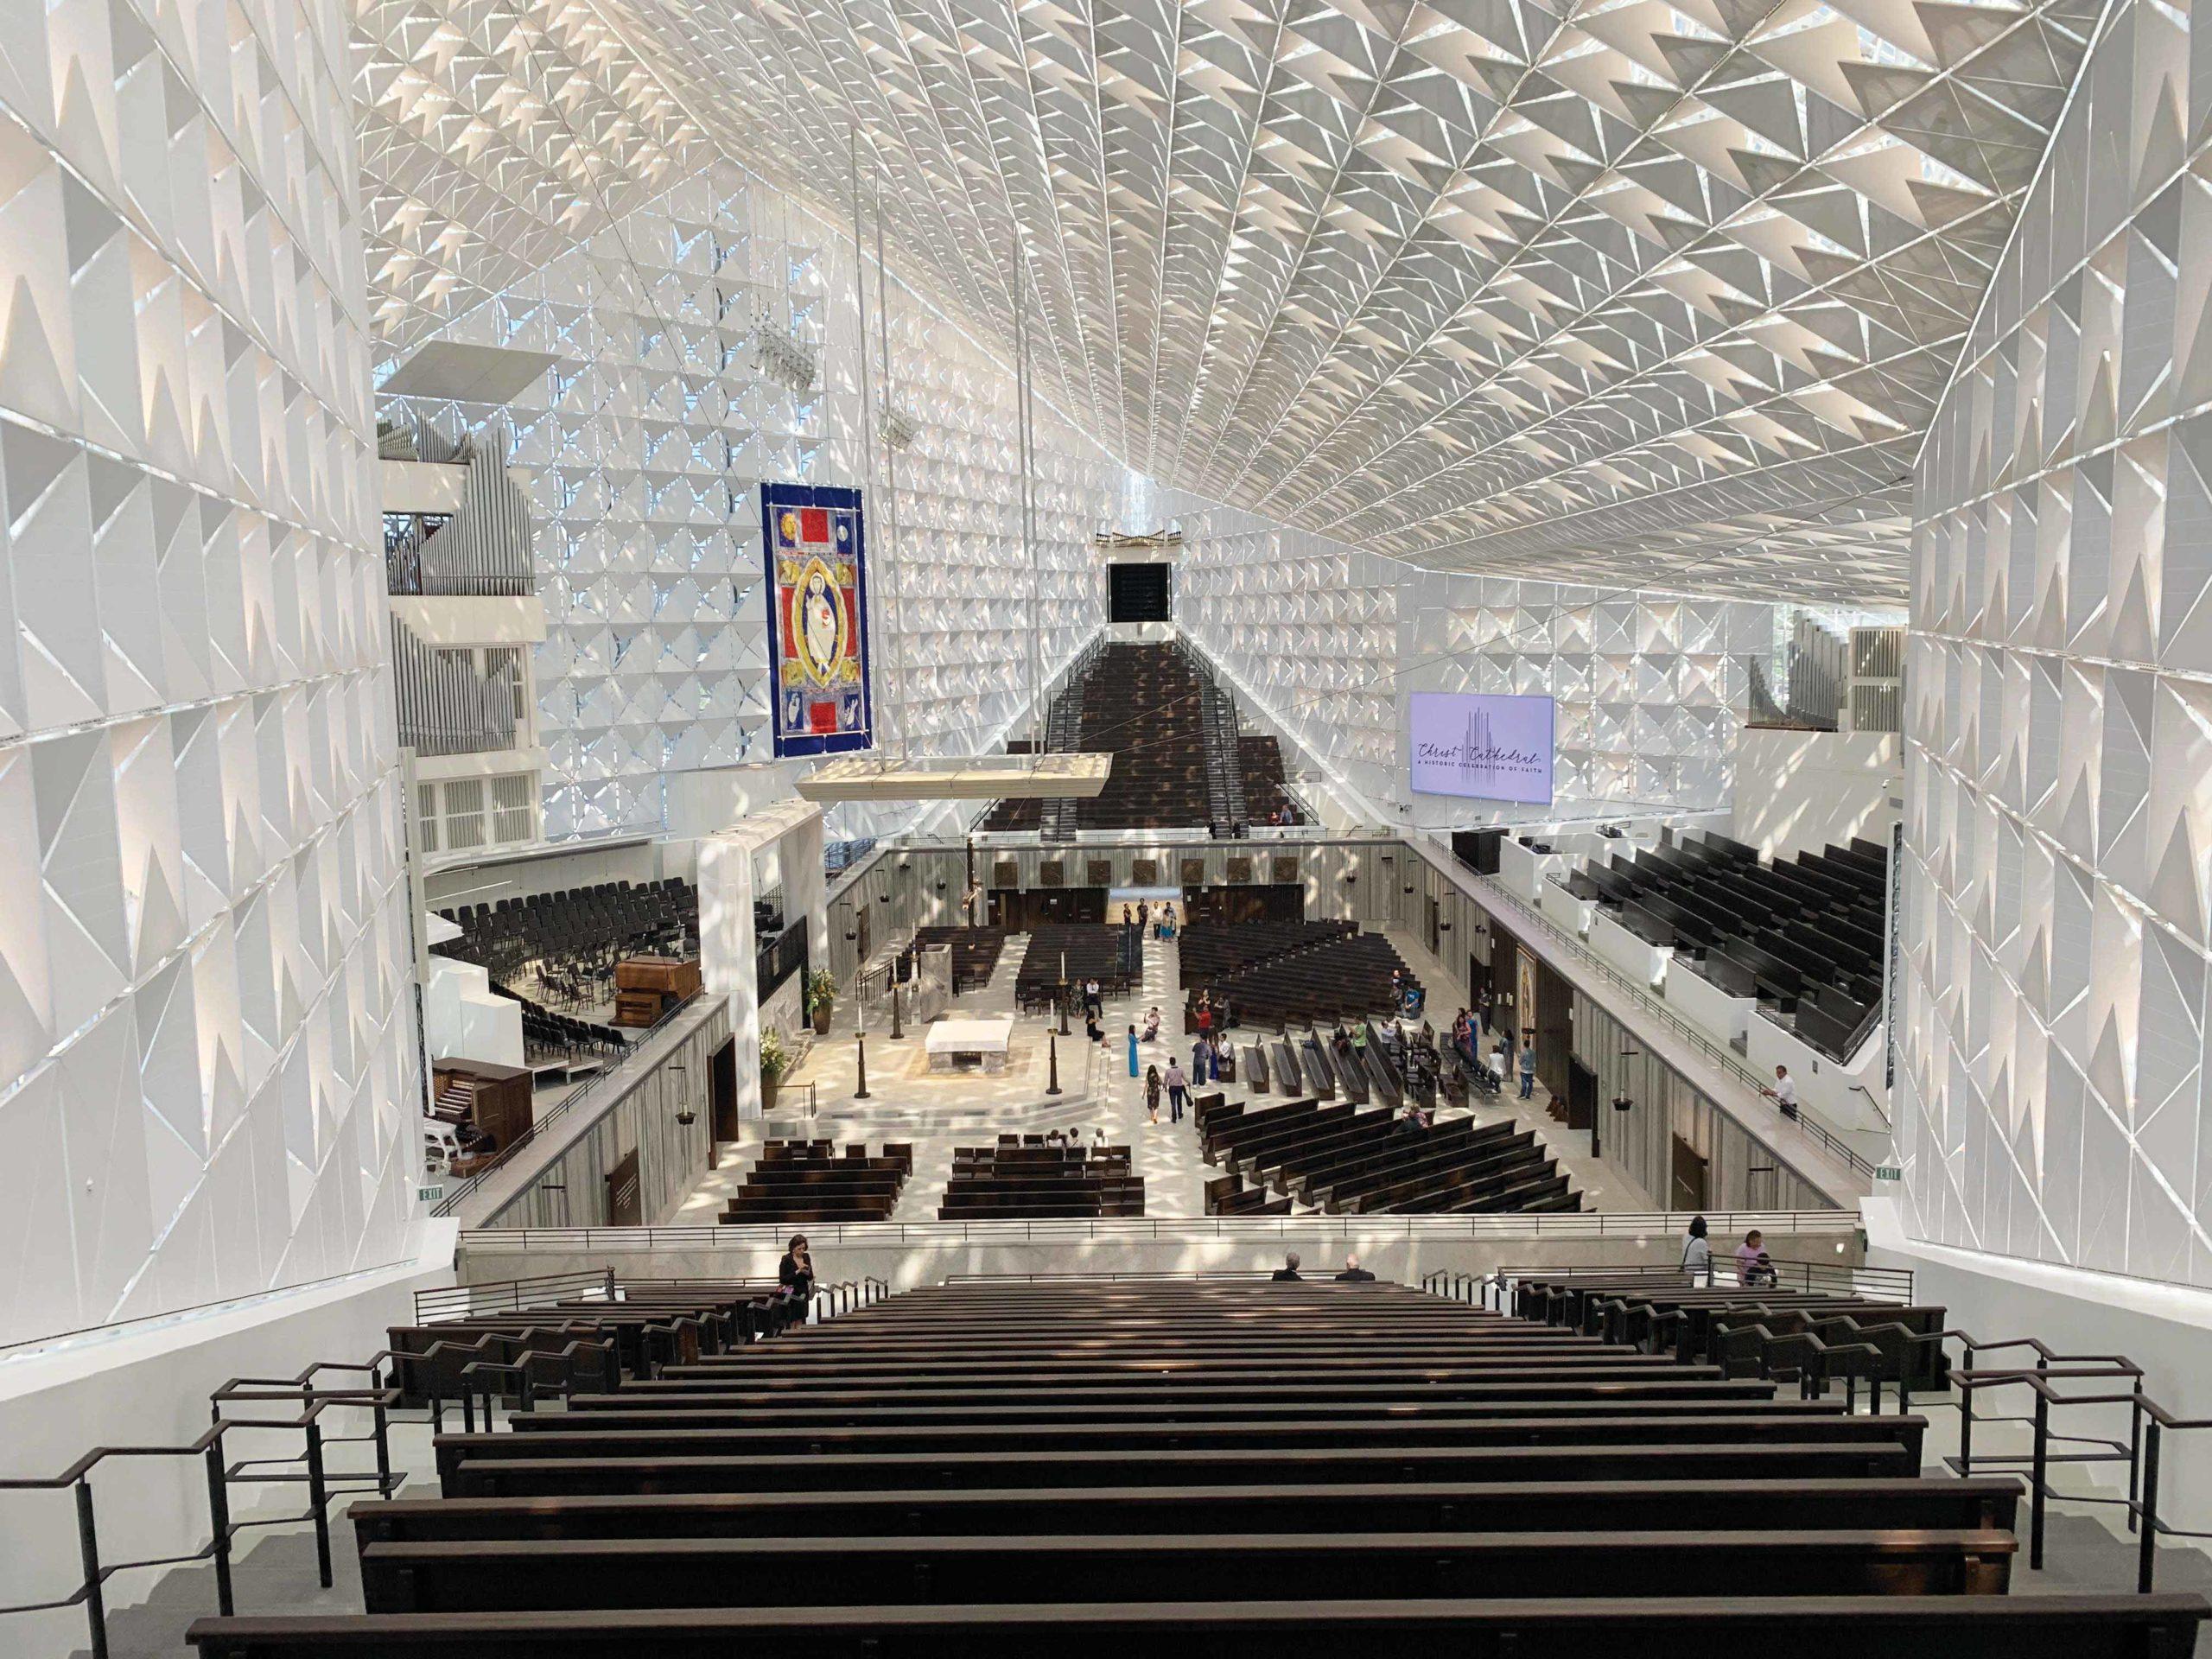 catedrala lui cristos california piatra naturala grigio alpi